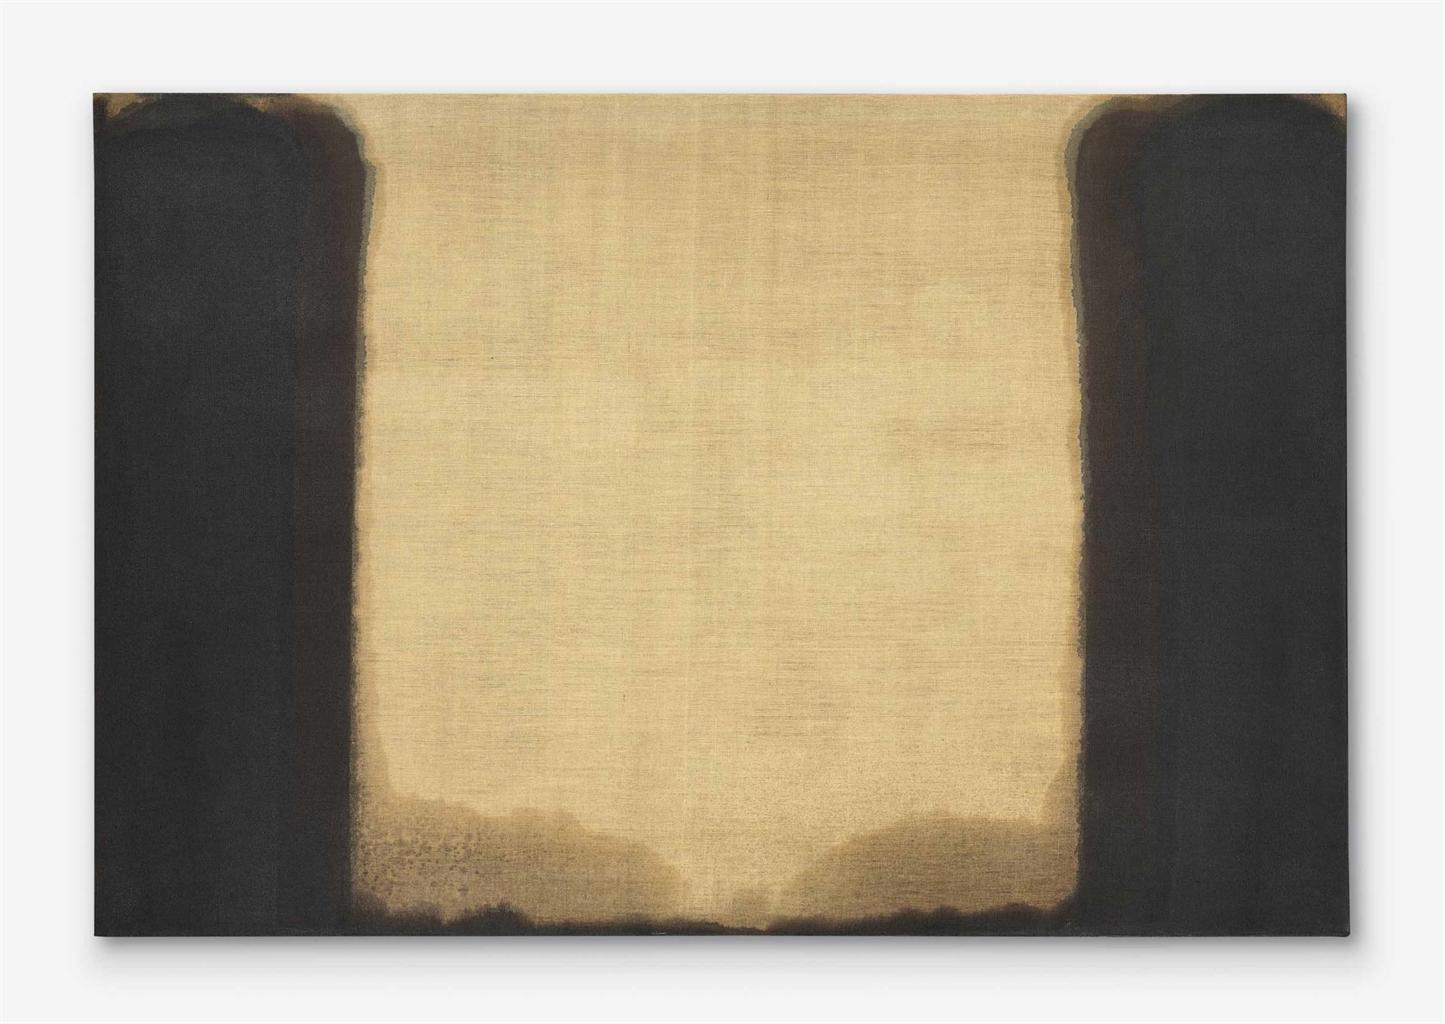 Yun Hyong-Keun-Umber-Blue-1977